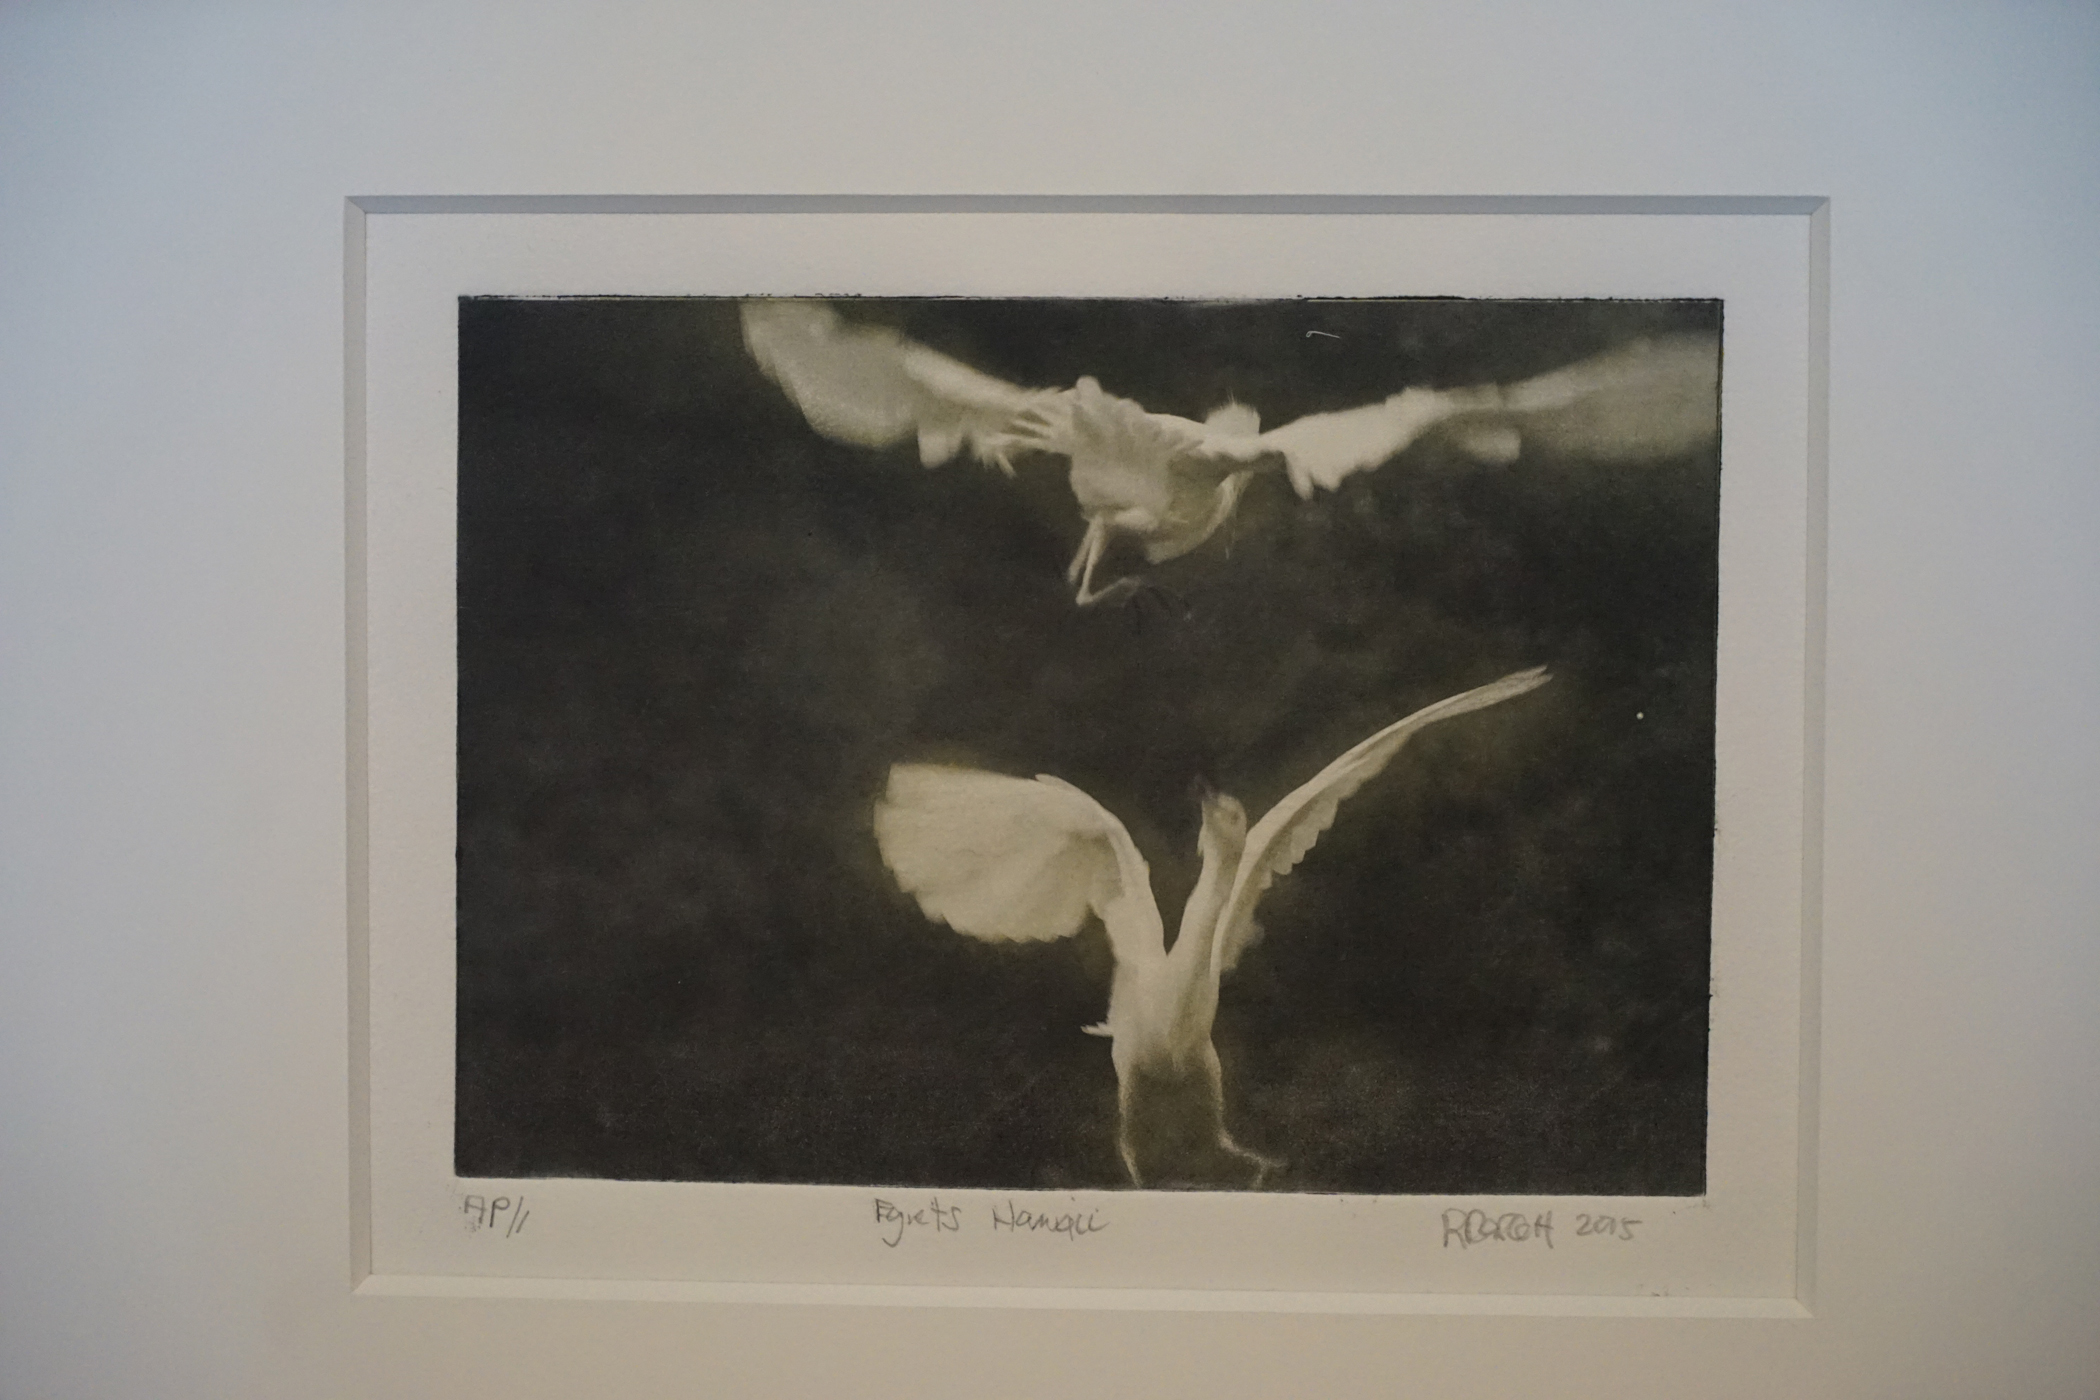 Egrets Hawaii 2010